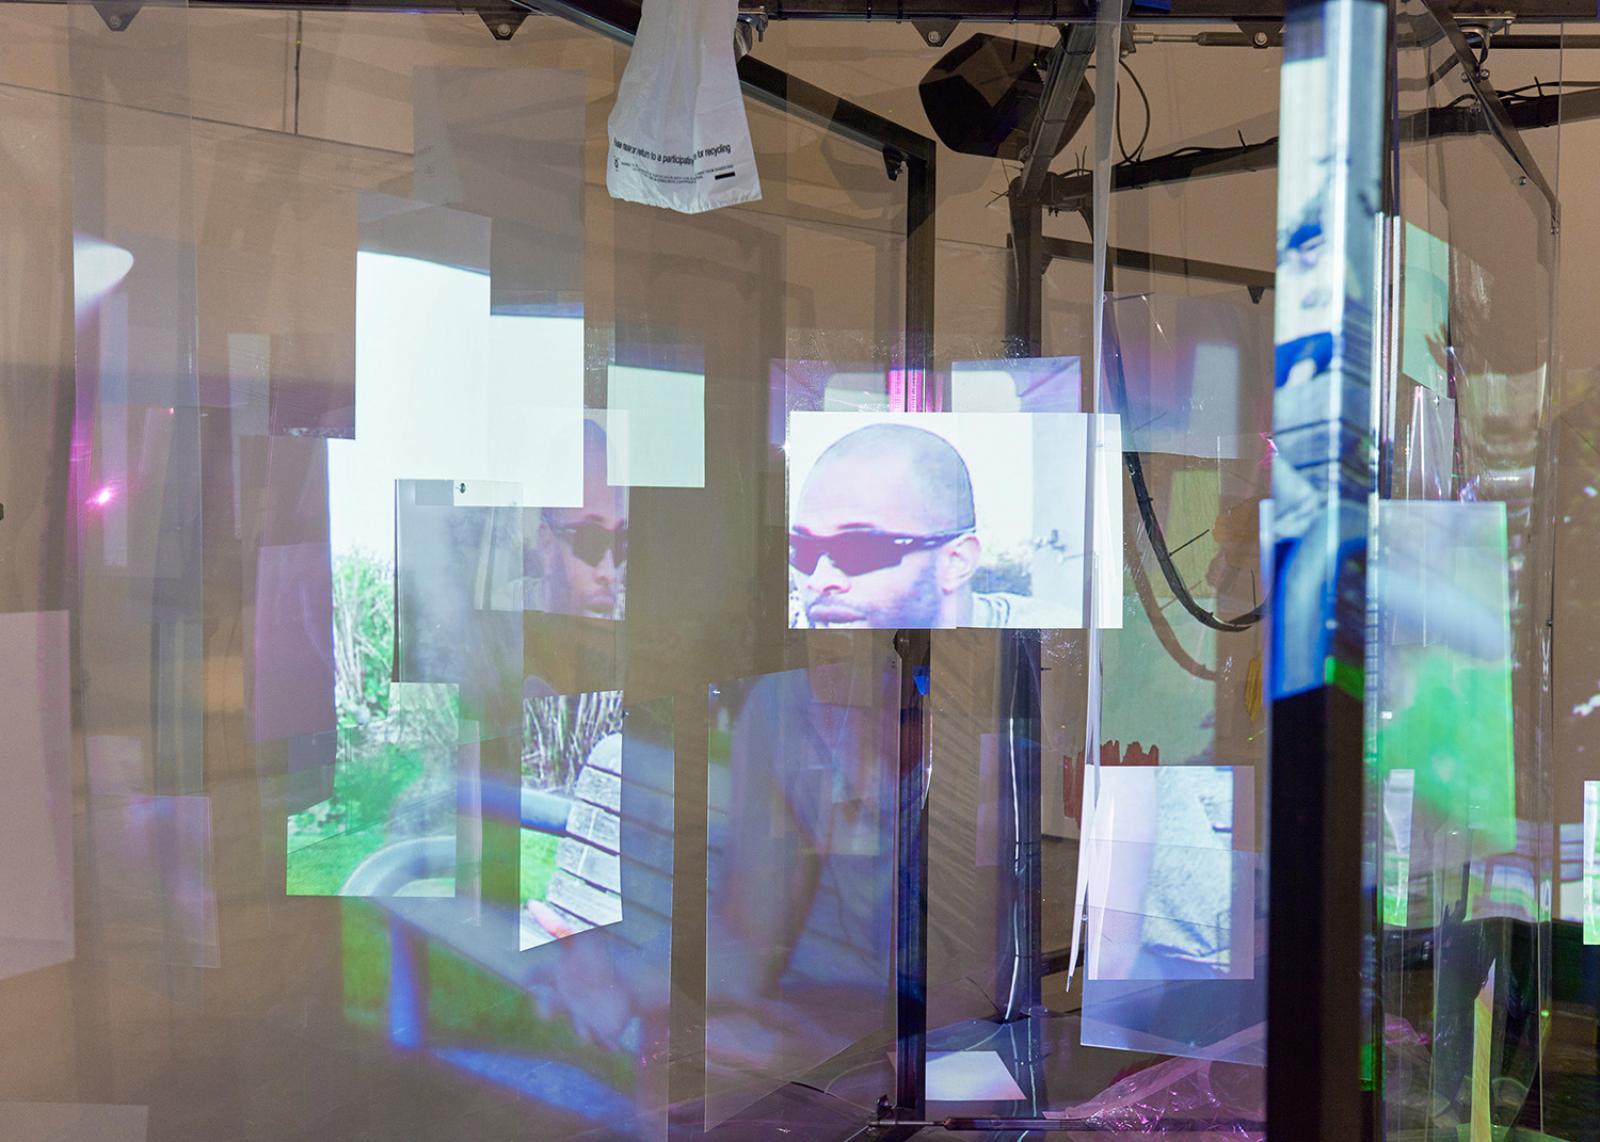 """Neïl Beloufa Ausstellungsansicht """"Projects 102"""" The Museum of Modern Art, New York 2016 Photo:Jonathan Muzikar © 2016 The Museum of Modern Art"""